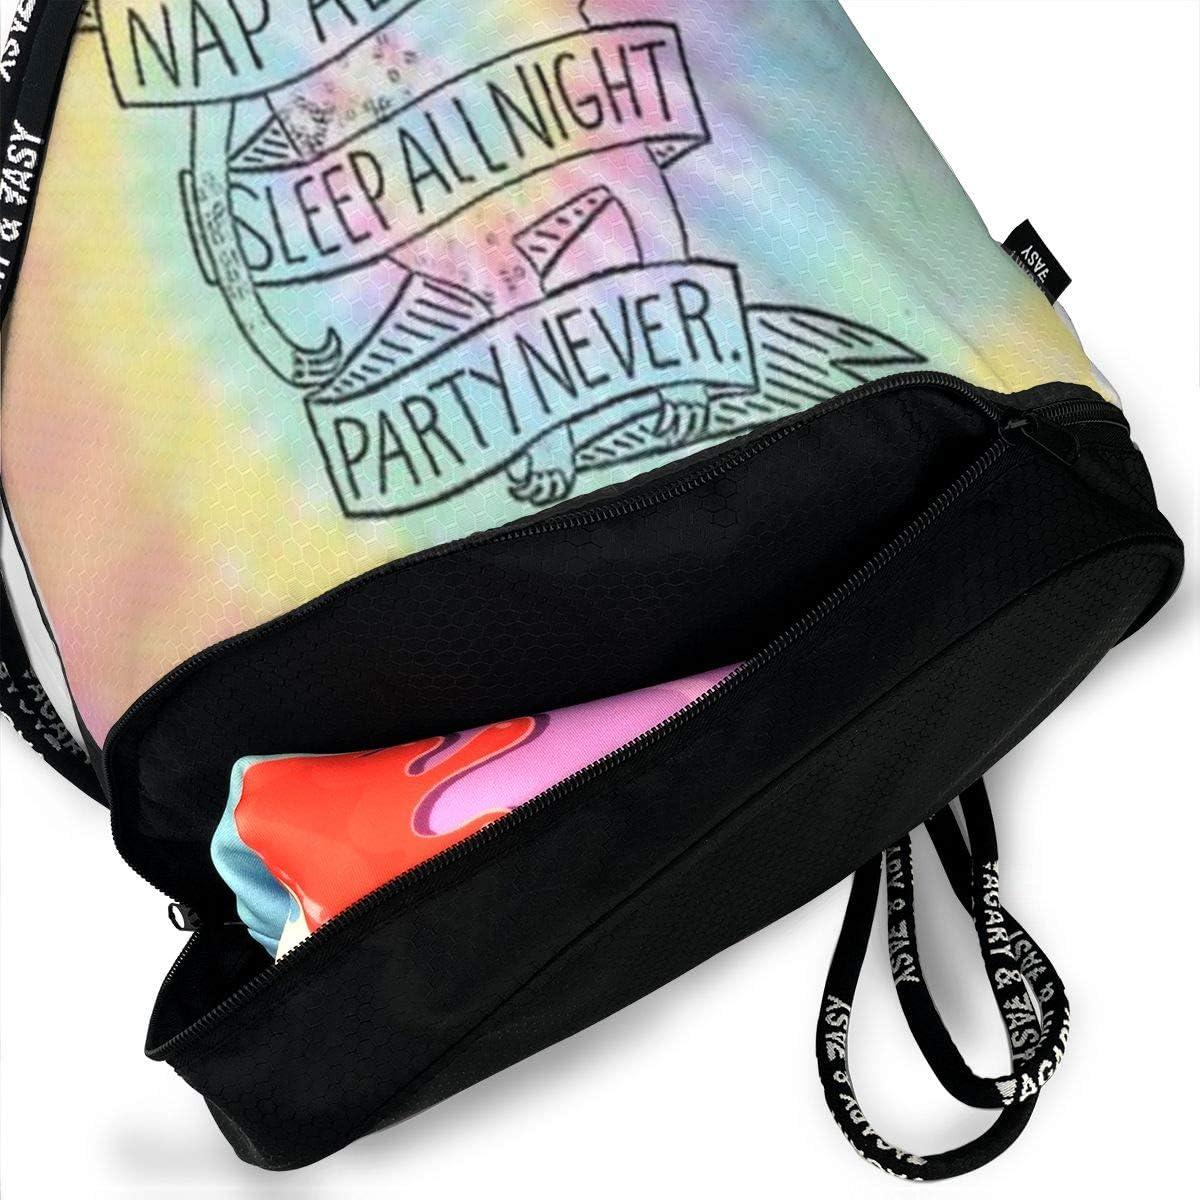 HUOPR5Q Sloth Colorful Drawstring Backpack Sport Gym Sack Shoulder Bulk Bag Dance Bag for School Travel